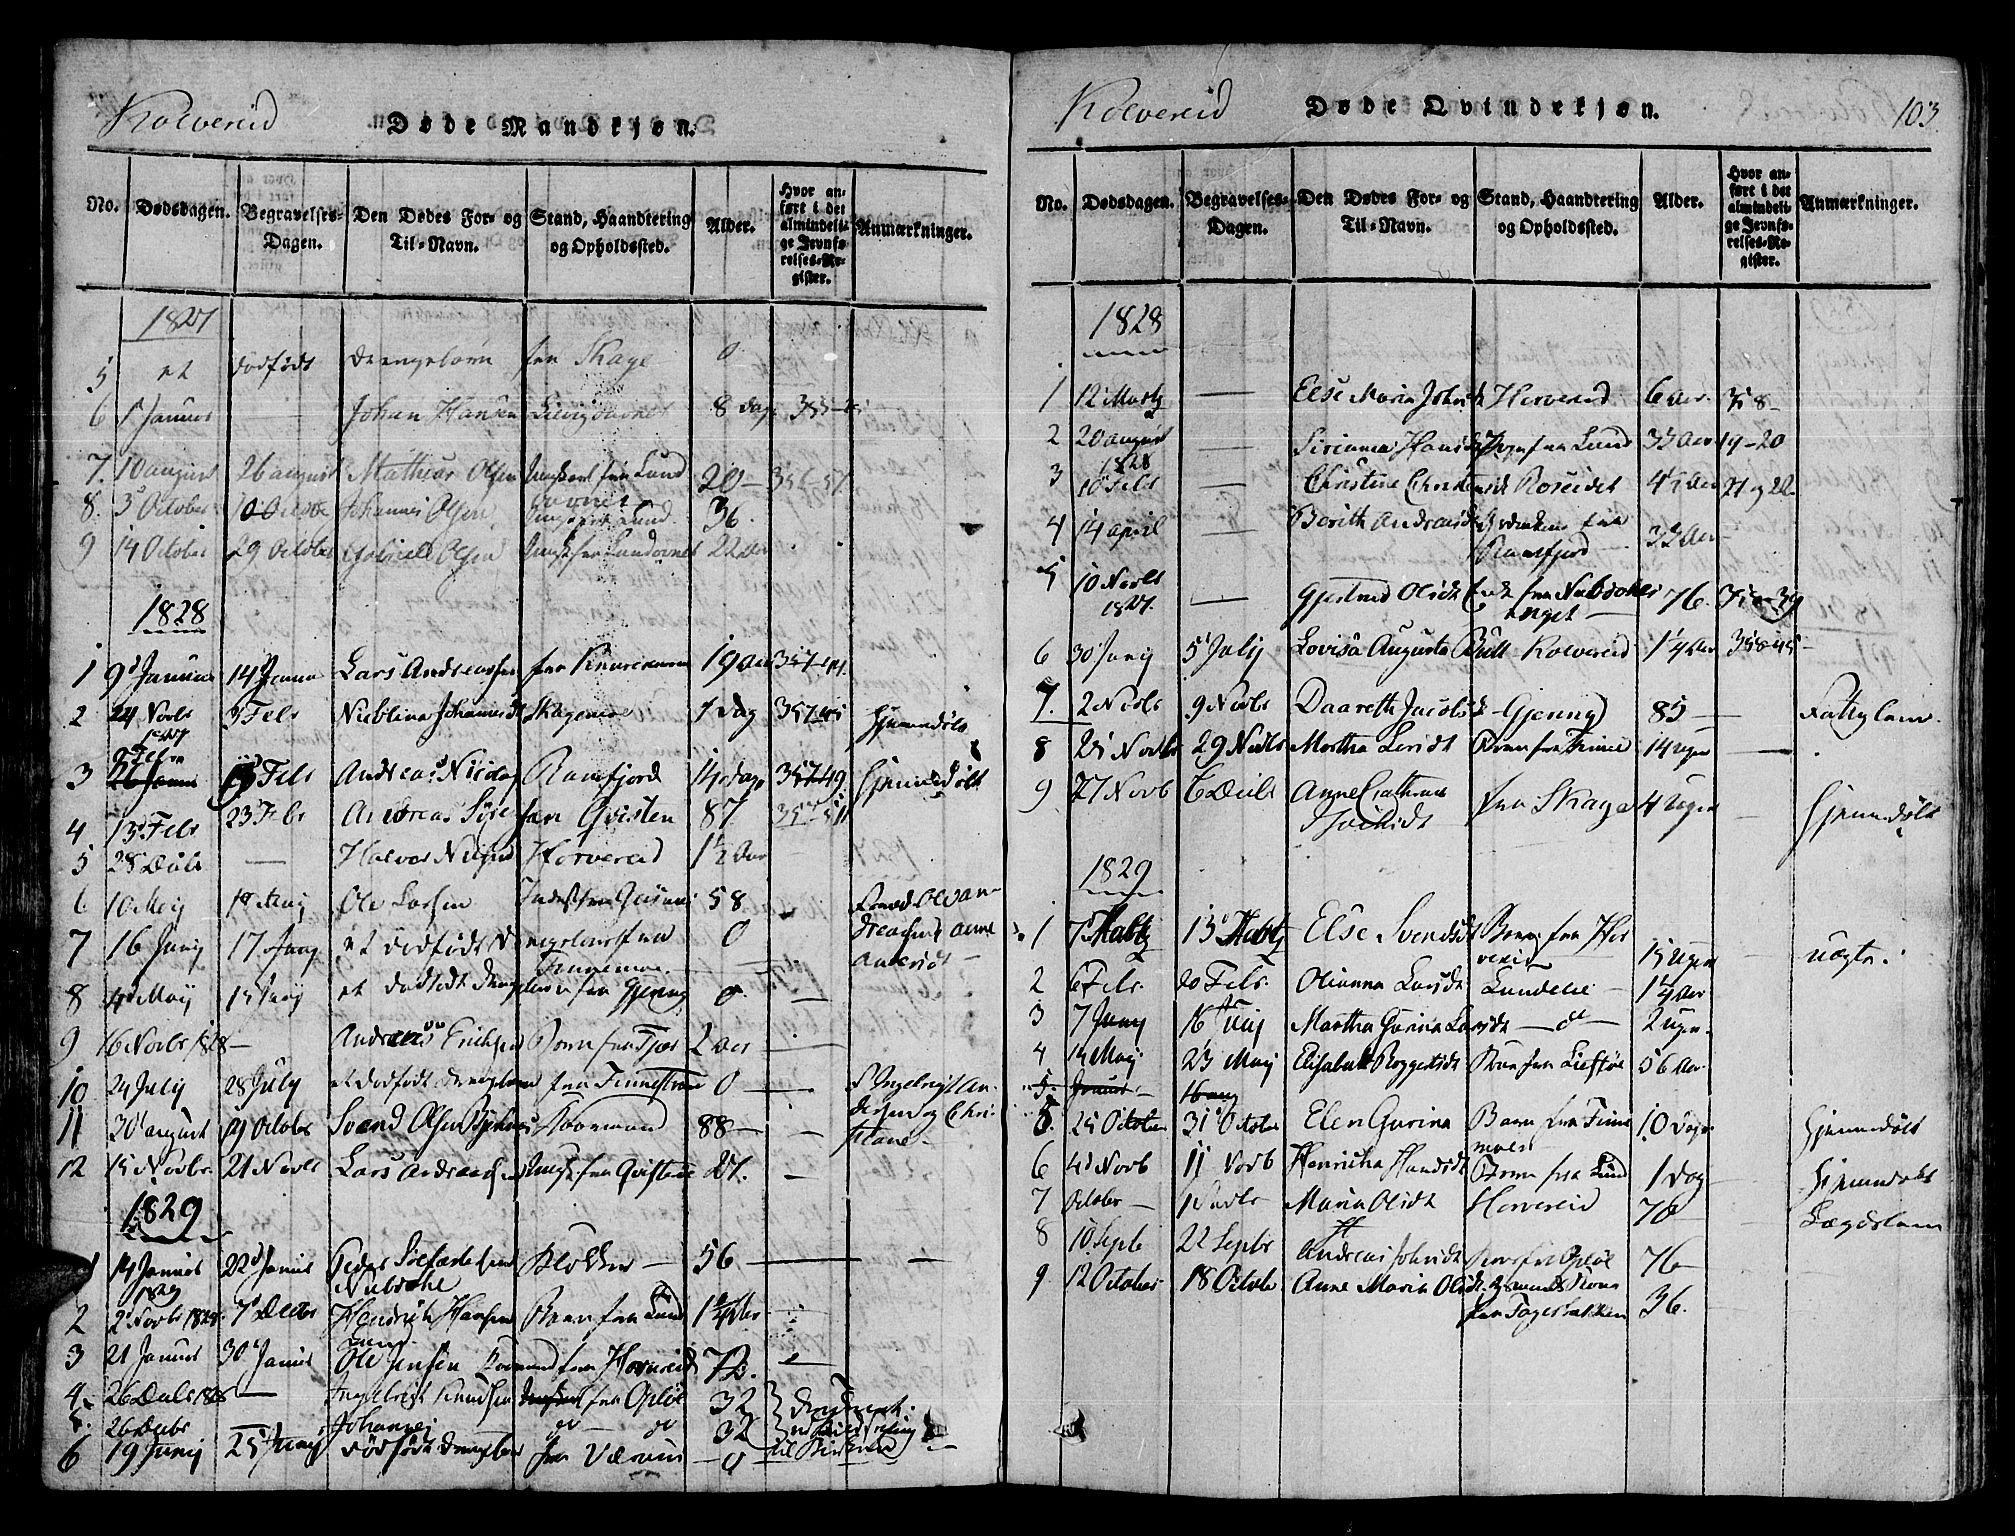 SAT, Ministerialprotokoller, klokkerbøker og fødselsregistre - Nord-Trøndelag, 780/L0636: Ministerialbok nr. 780A03 /1, 1815-1830, s. 103